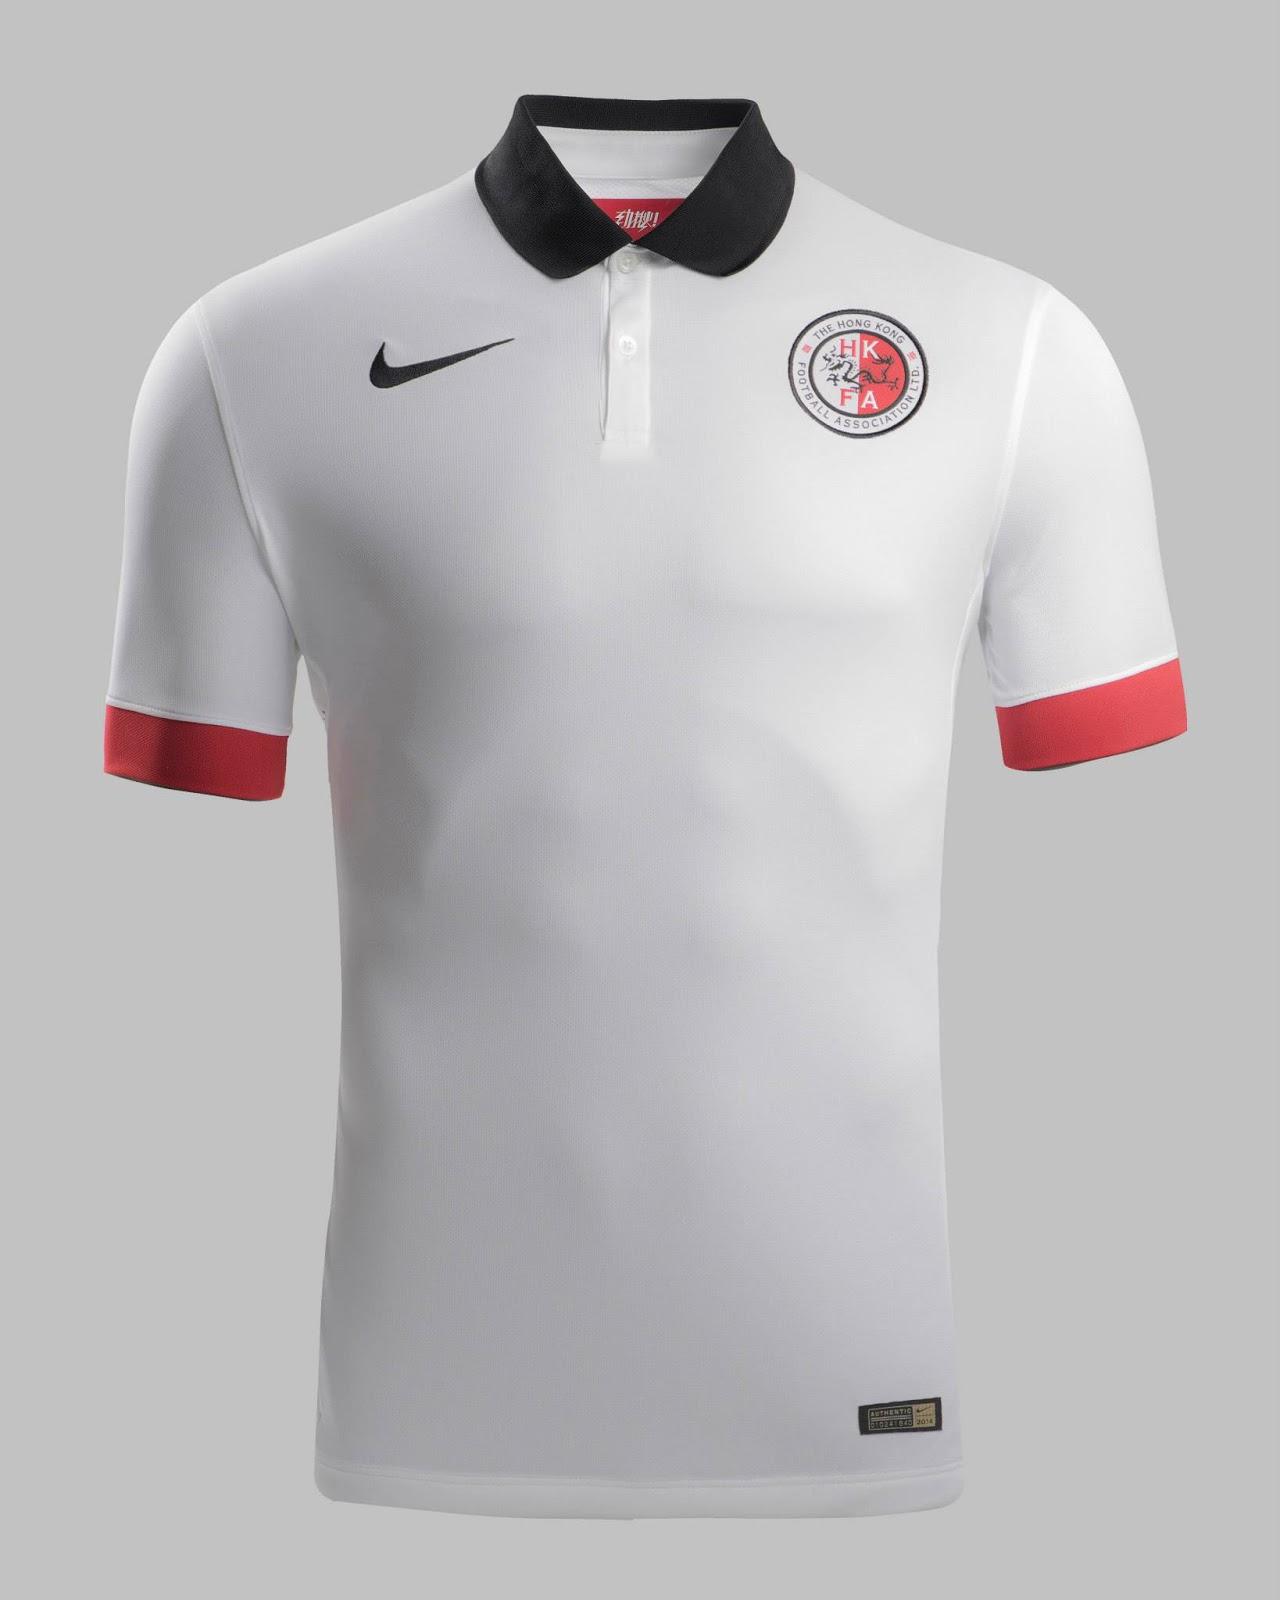 Shirt design kit - Hong Kong 2014 2015 Away Jersey